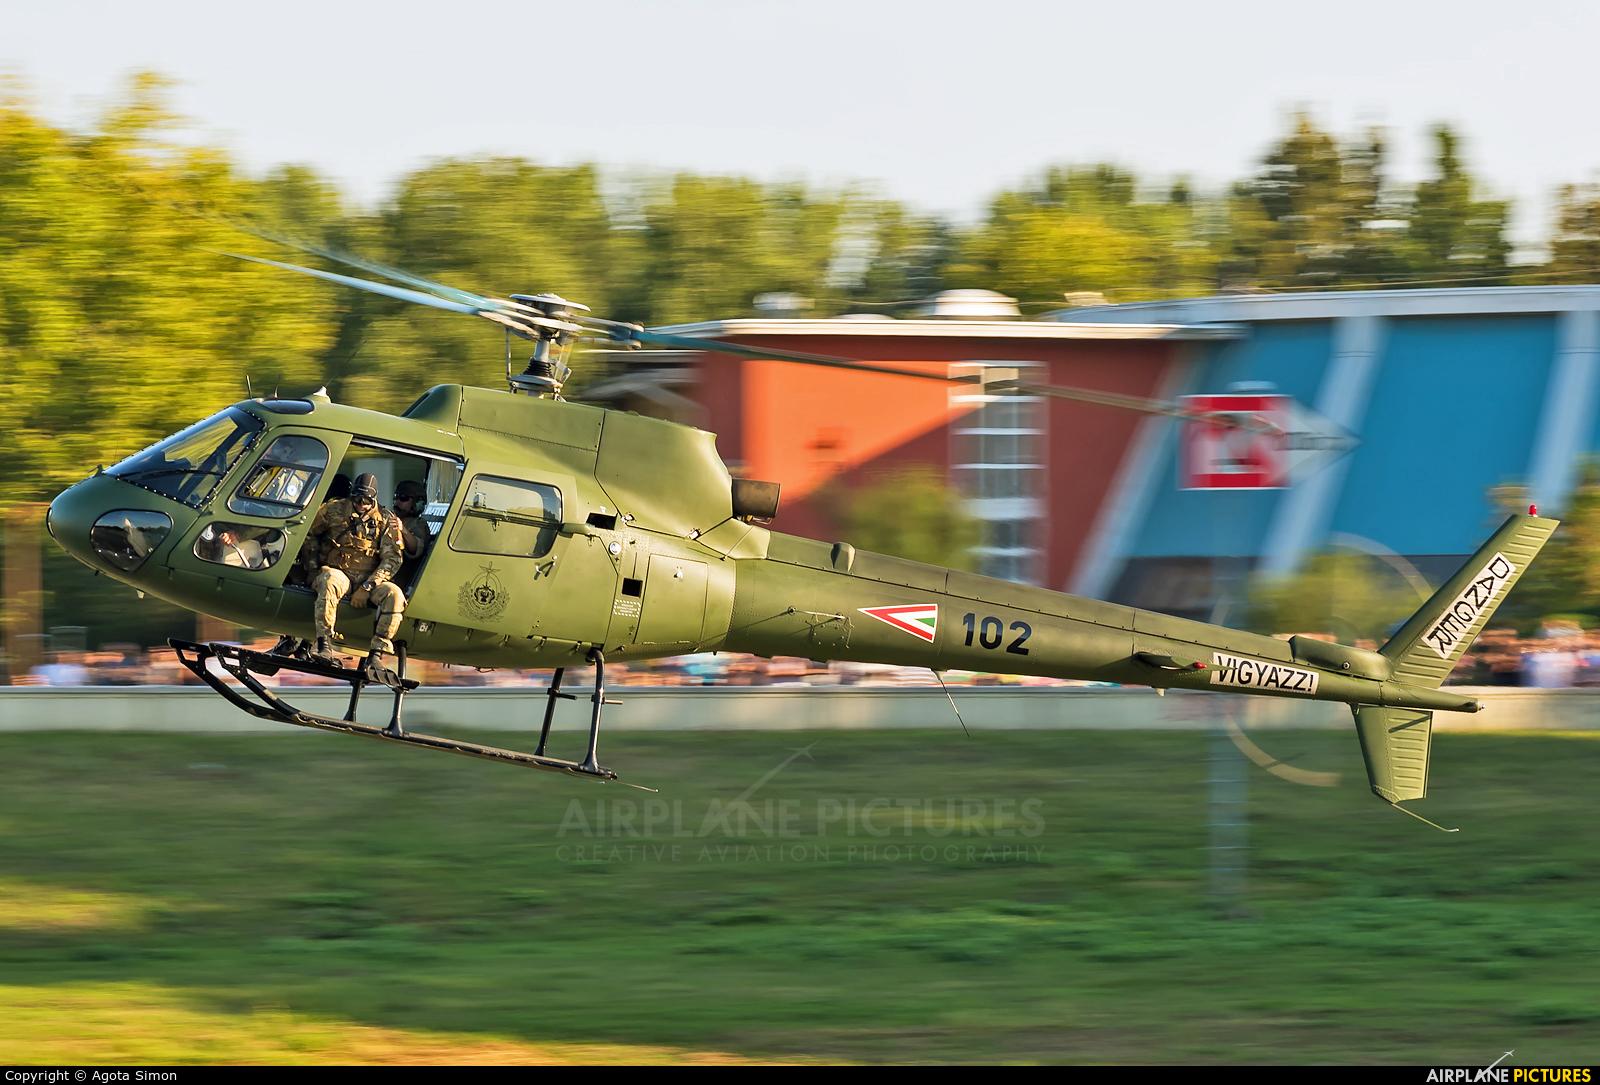 Hungary - Air Force 102 aircraft at Off Airport - Hungary